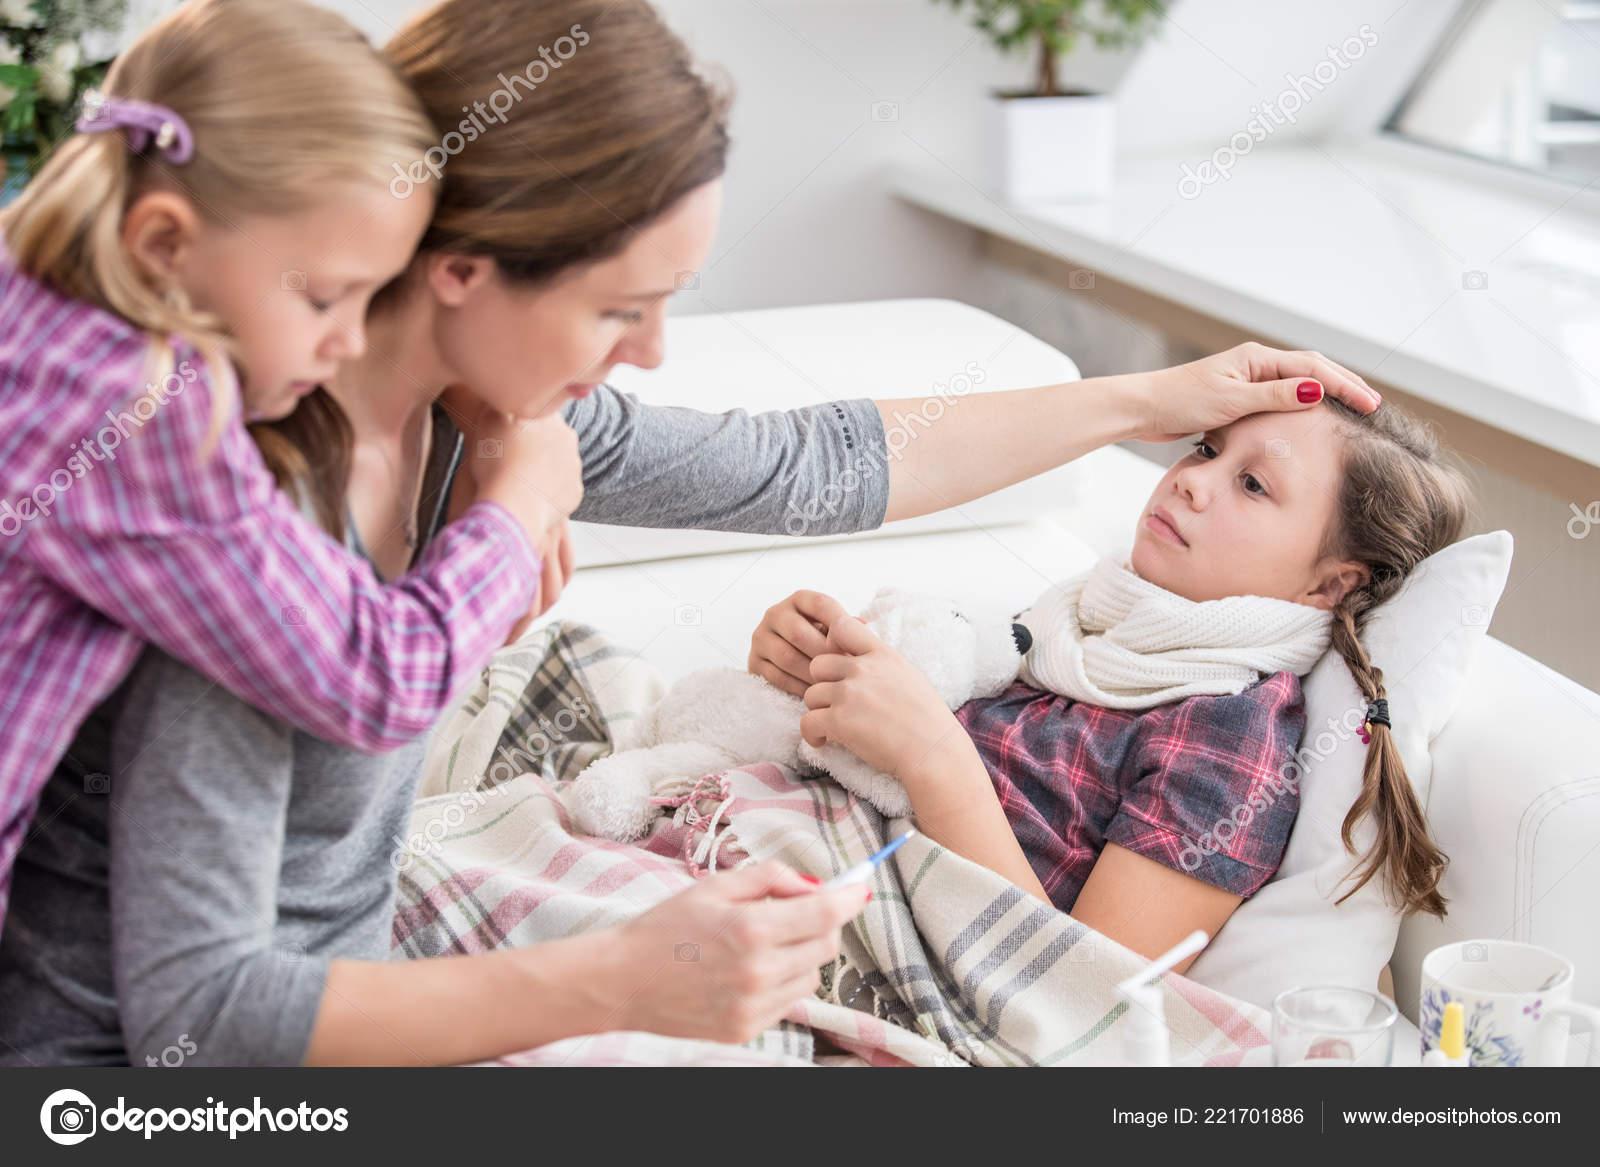 Фото дочка лижит матери, Подросток лижет письку мамочке и трахает 16 фотография